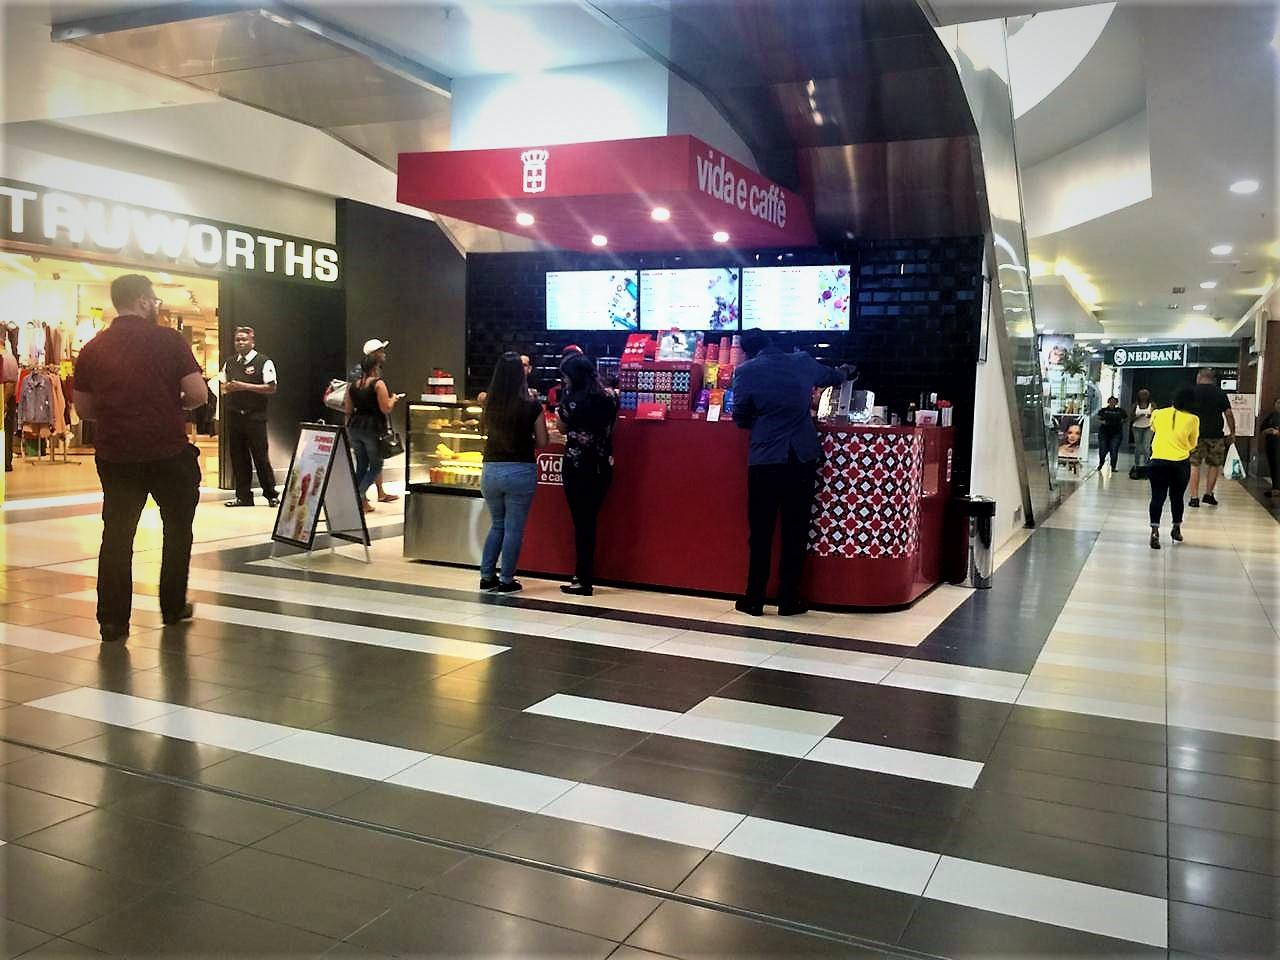 Mall Ads sets up kiosk for vida e caffè